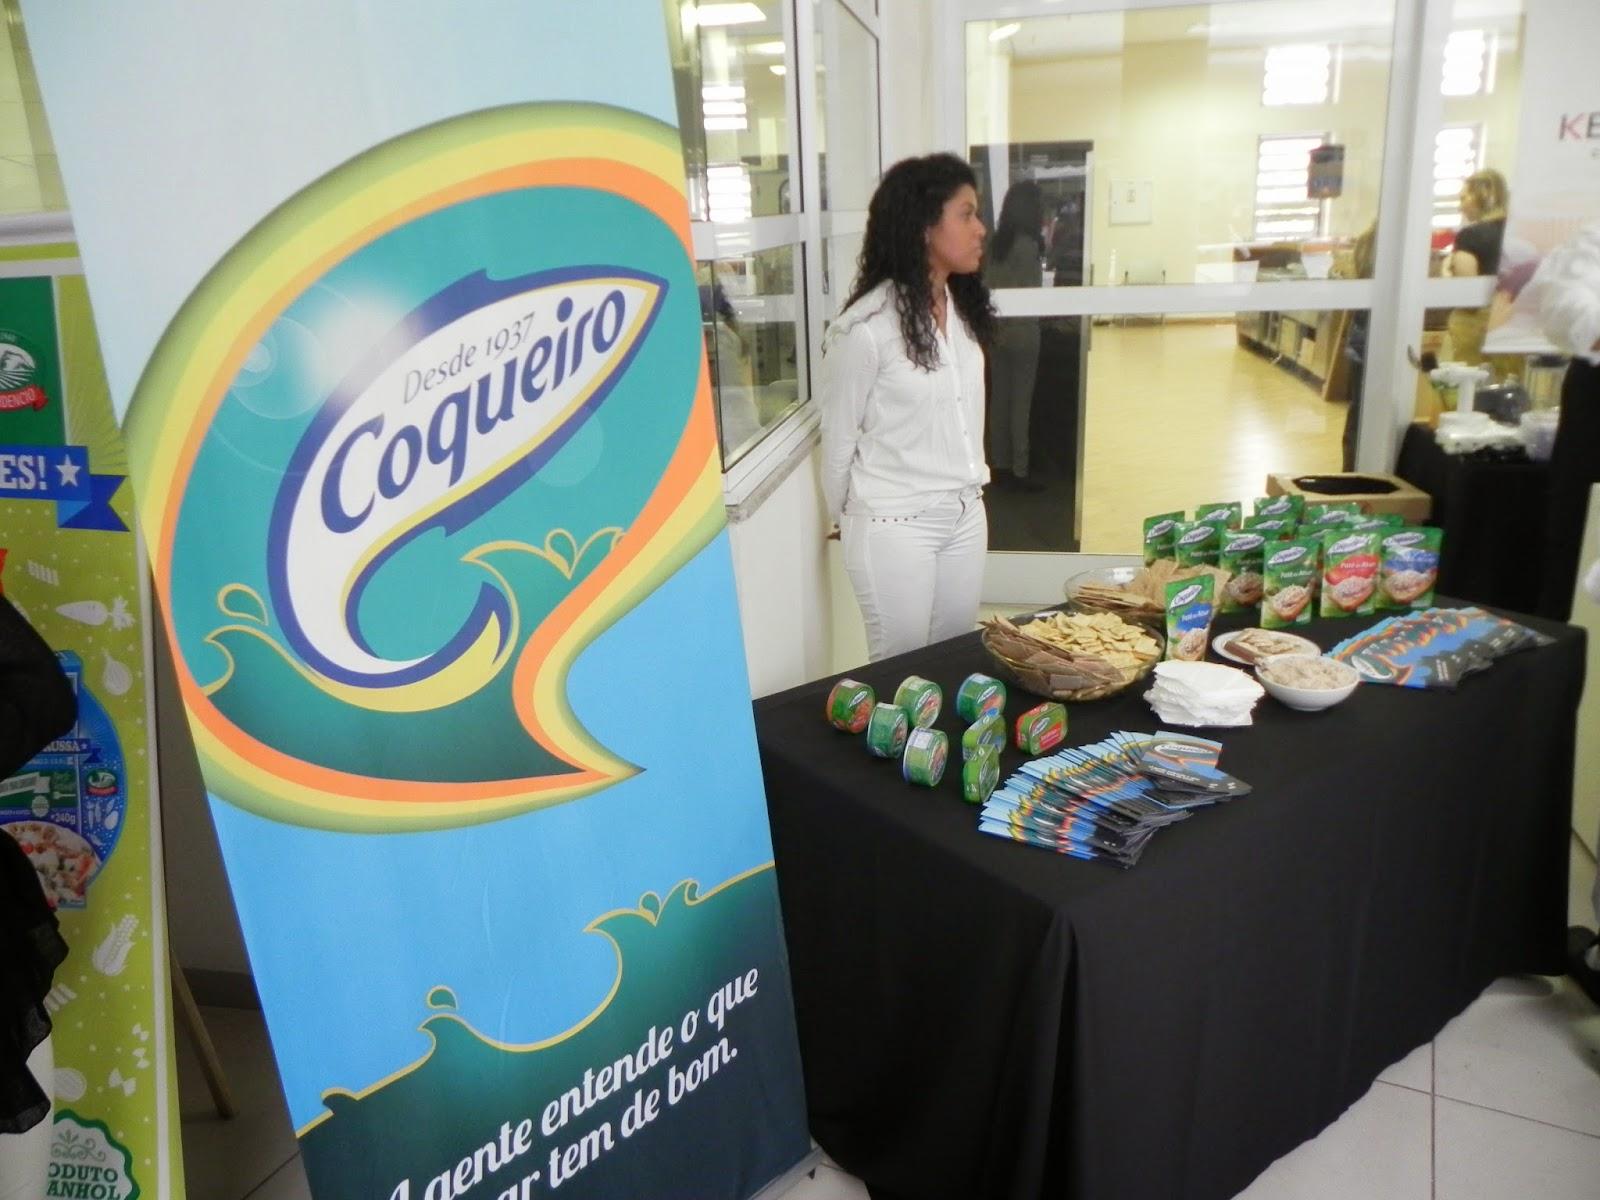 coqueiro no encontro gourmet apresentando produtos patês atum sardinha